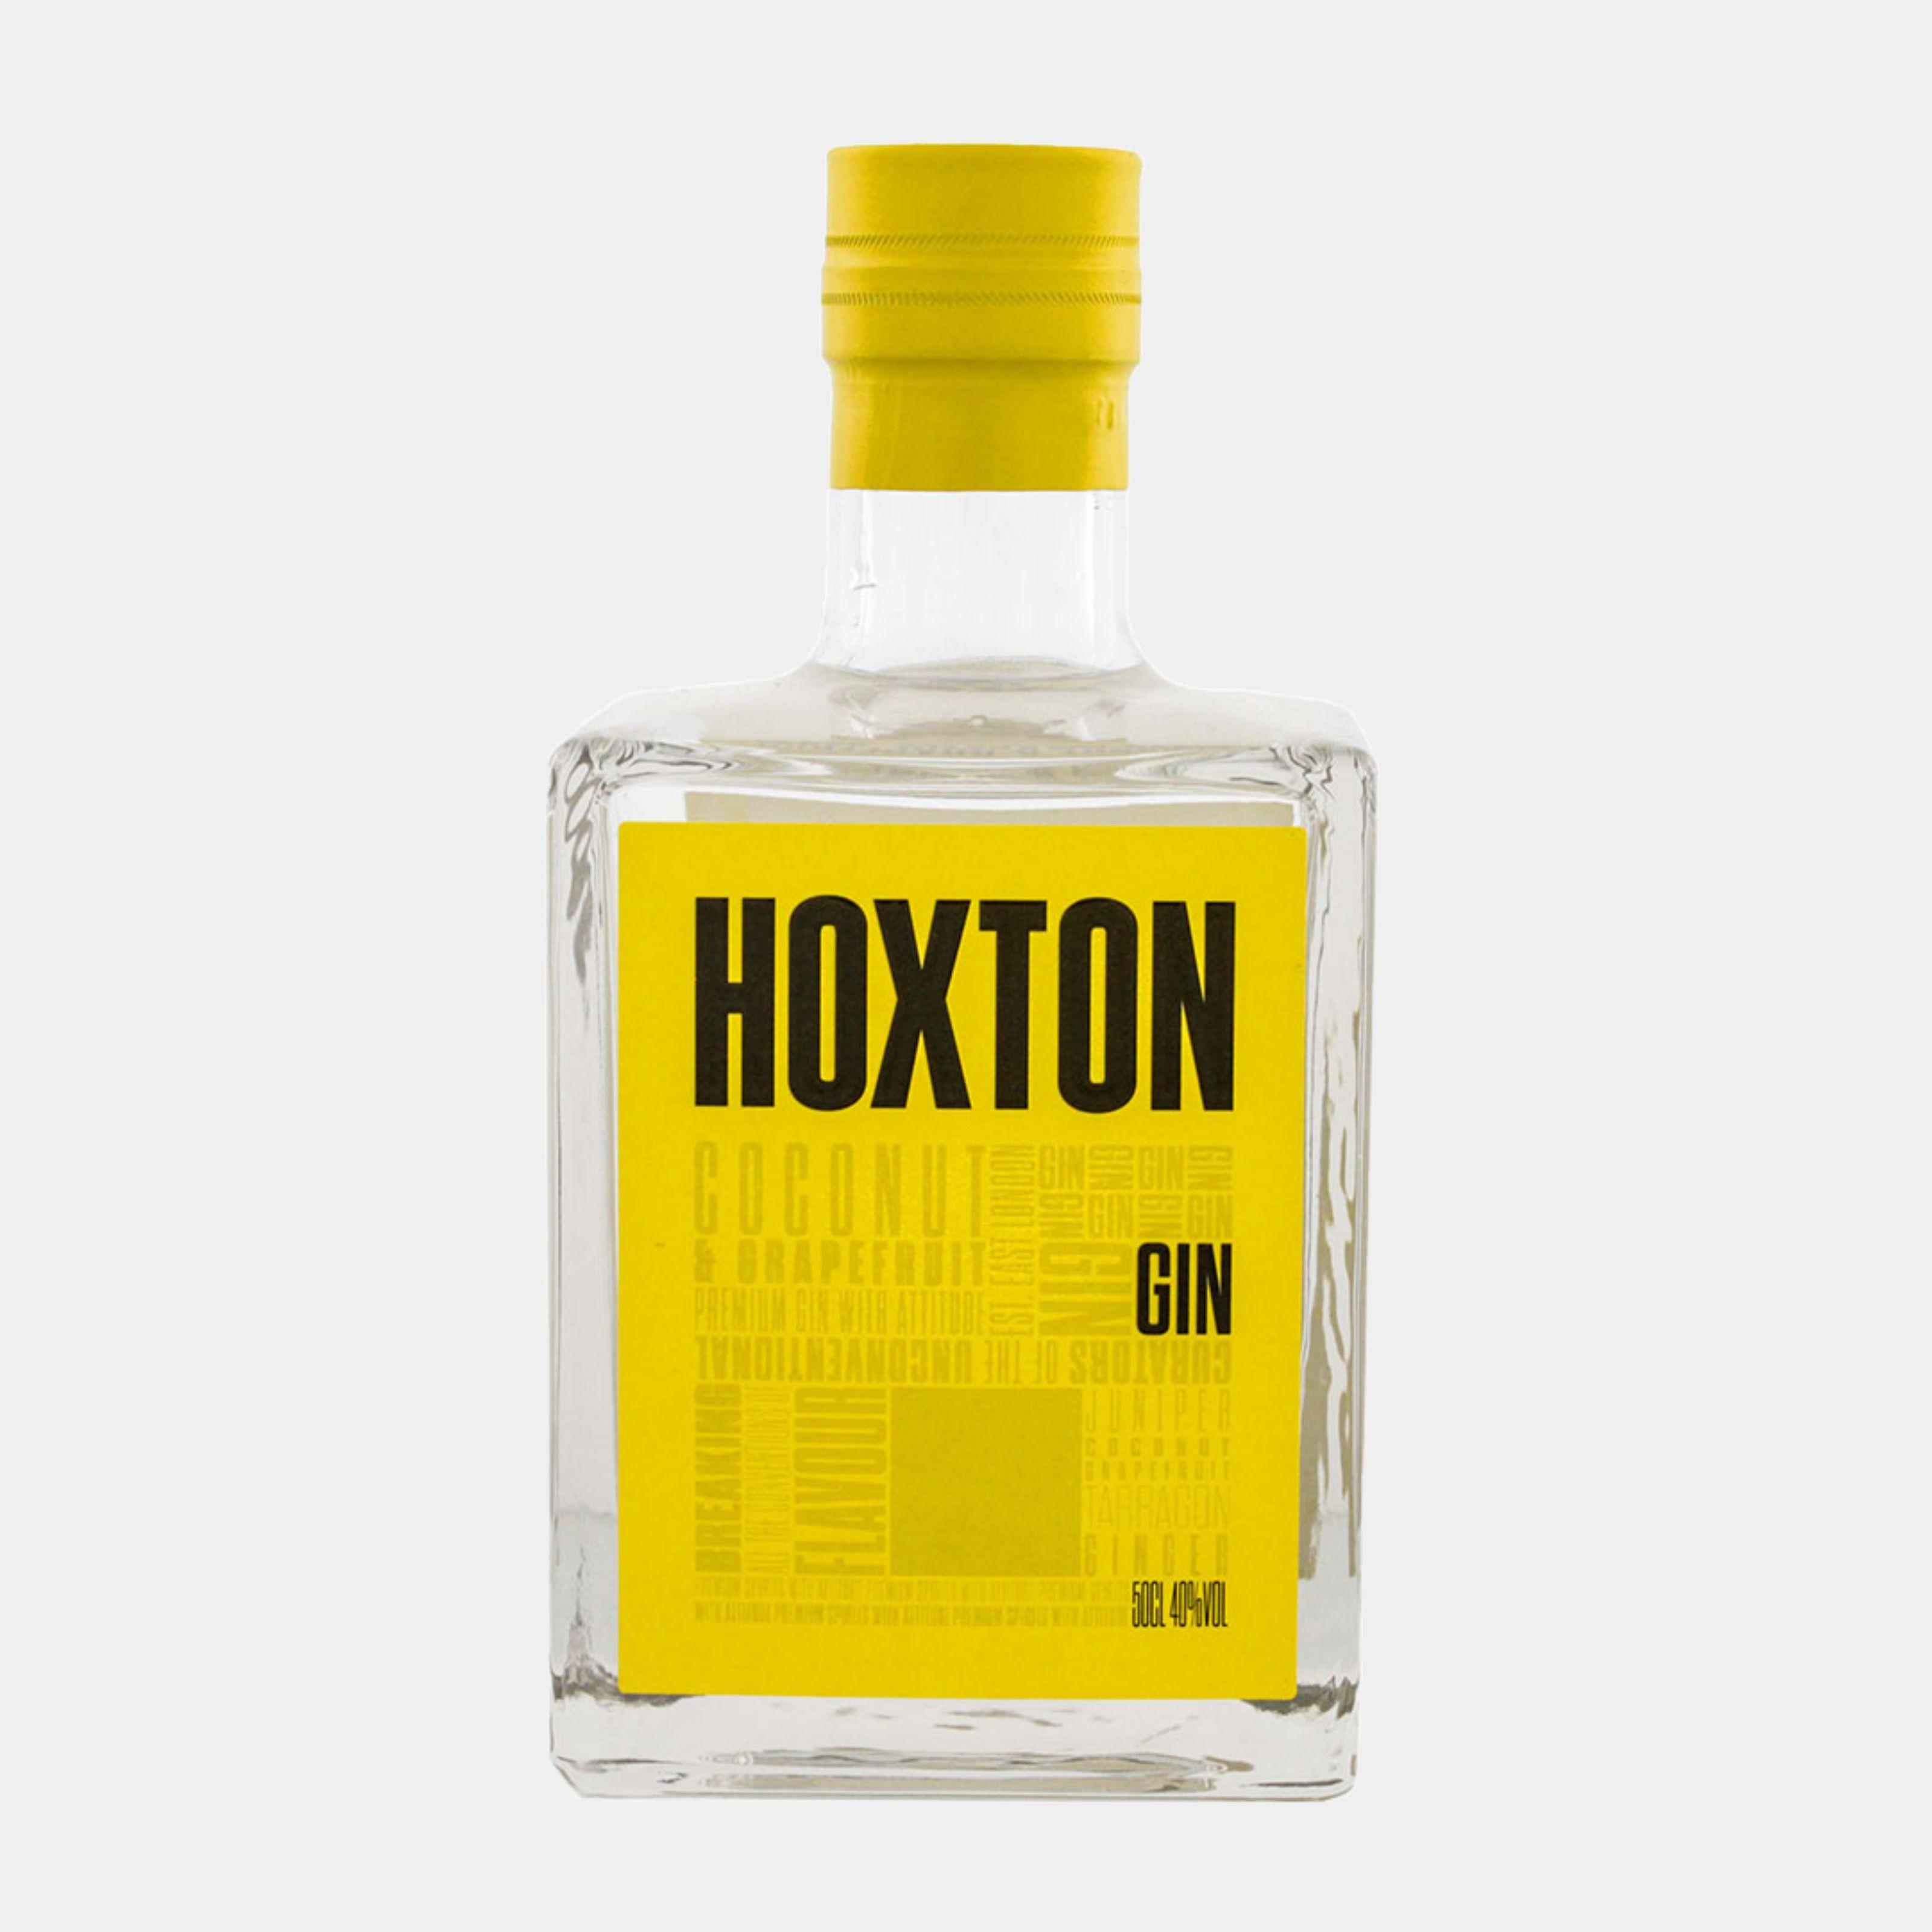 Hoxton Gin 0.5L 40% Alk.